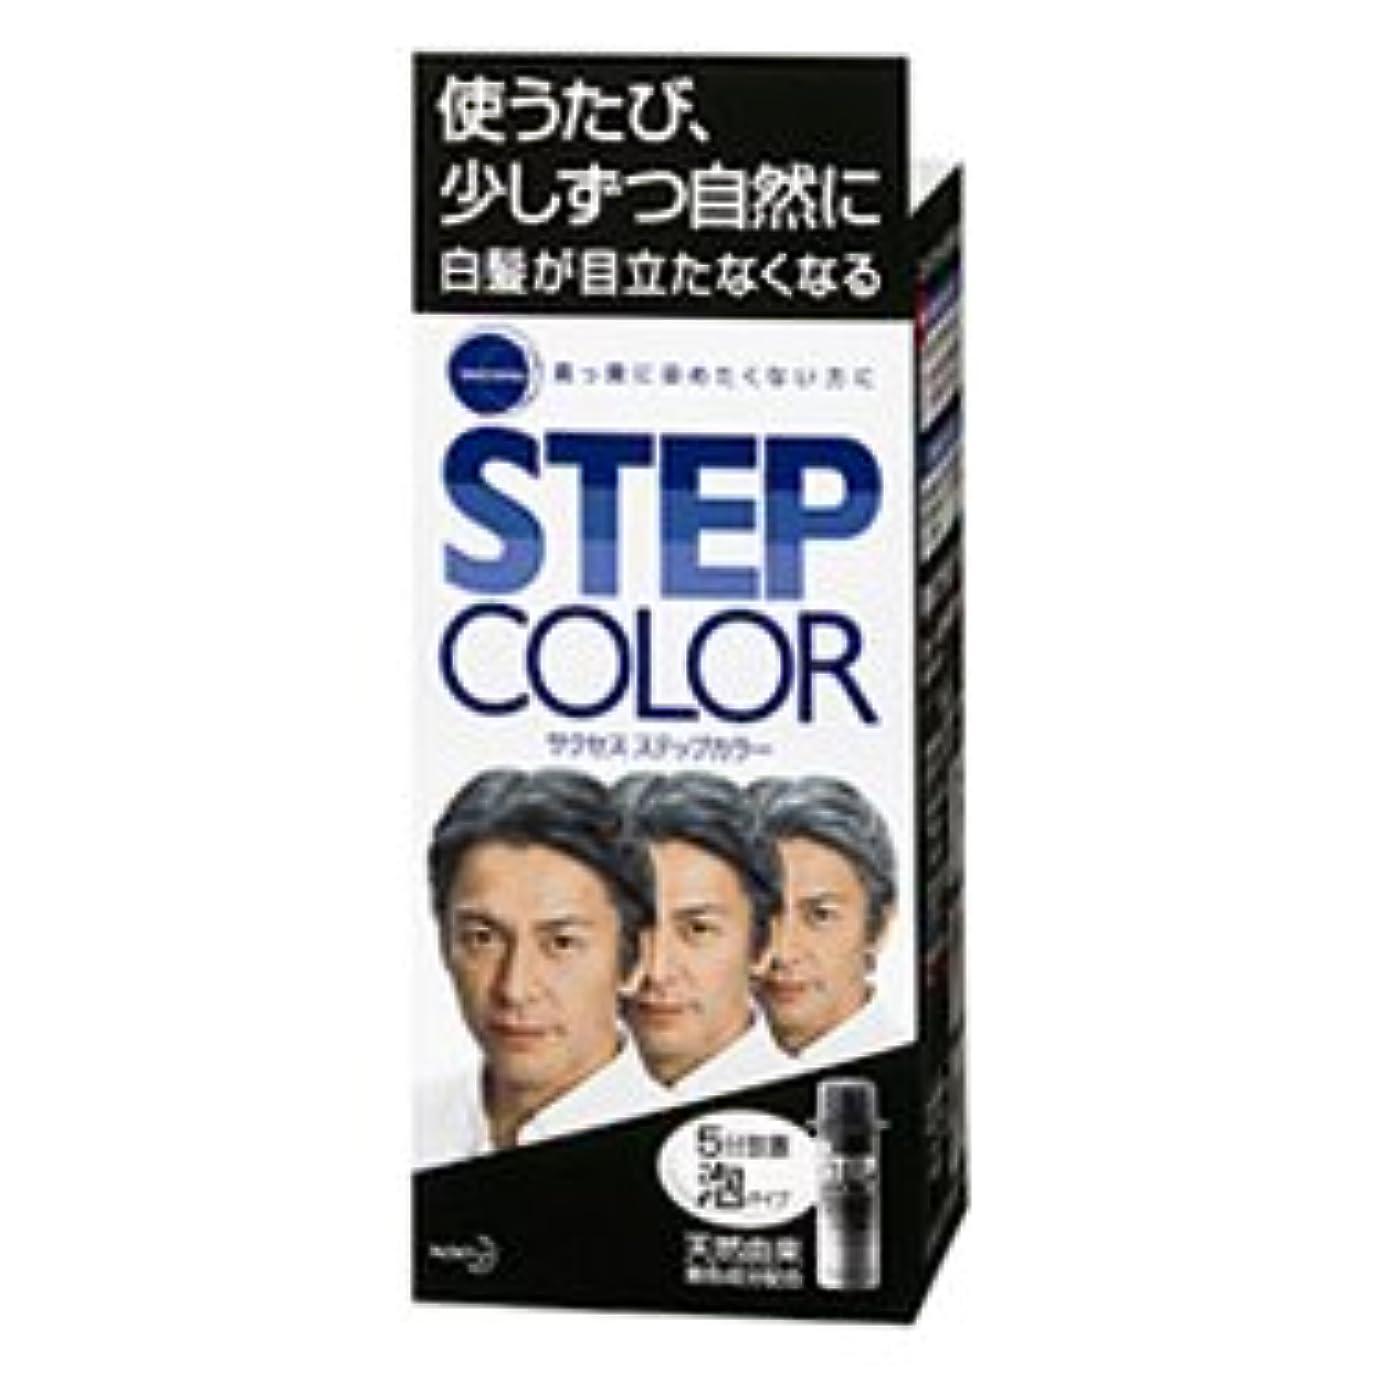 リップポンドセンチメンタル【花王】サクセスステップカラー 110g ×20個セット